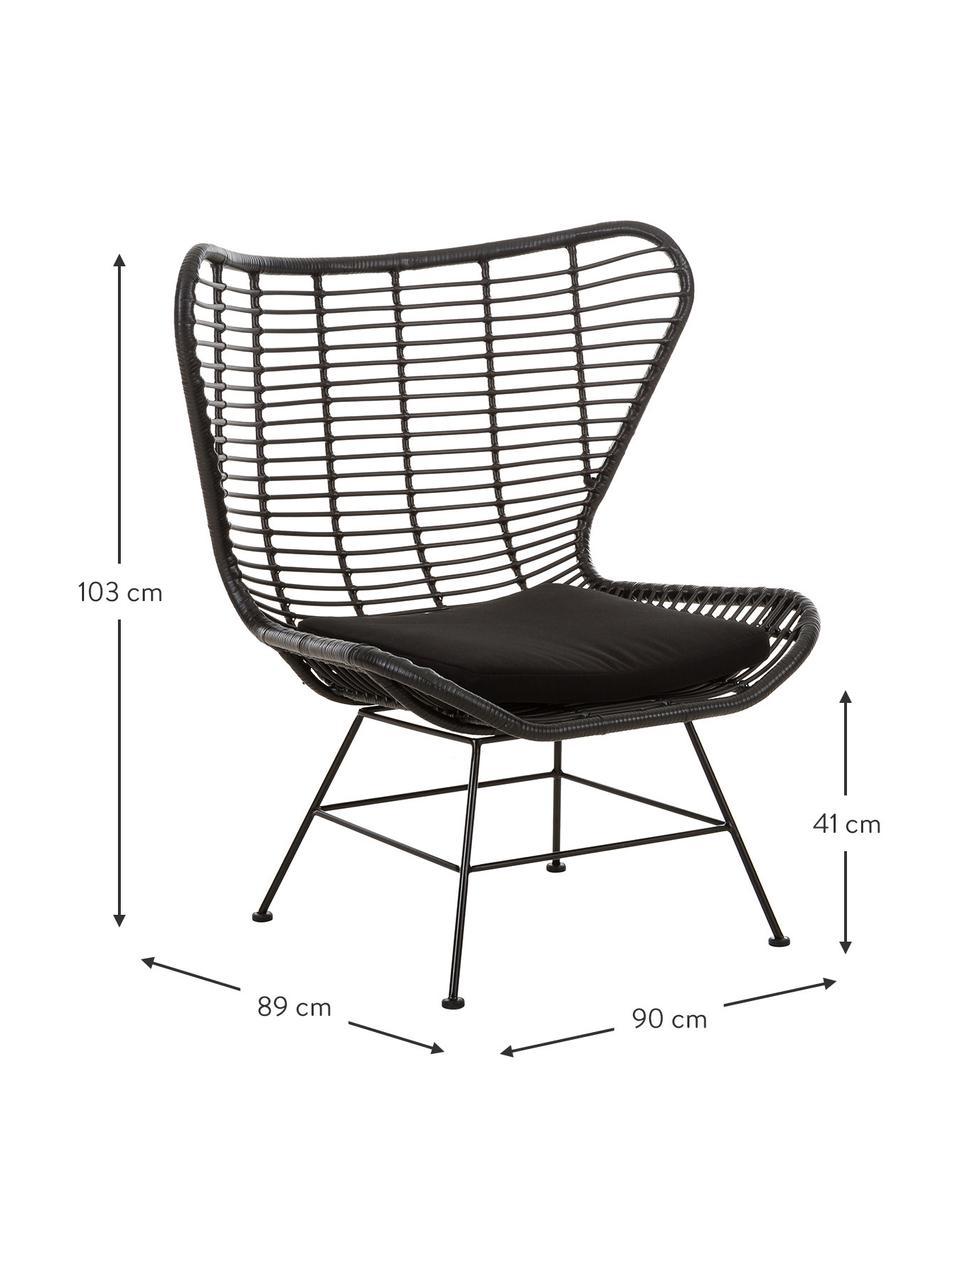 Ohrensessel Costa mit Polyrattan, Sitzfläche: Polyethylen-Geflecht, Gestell: Metall, pulverbeschichtet, Schwarz, Schwarz, B 90 x T 89 cm